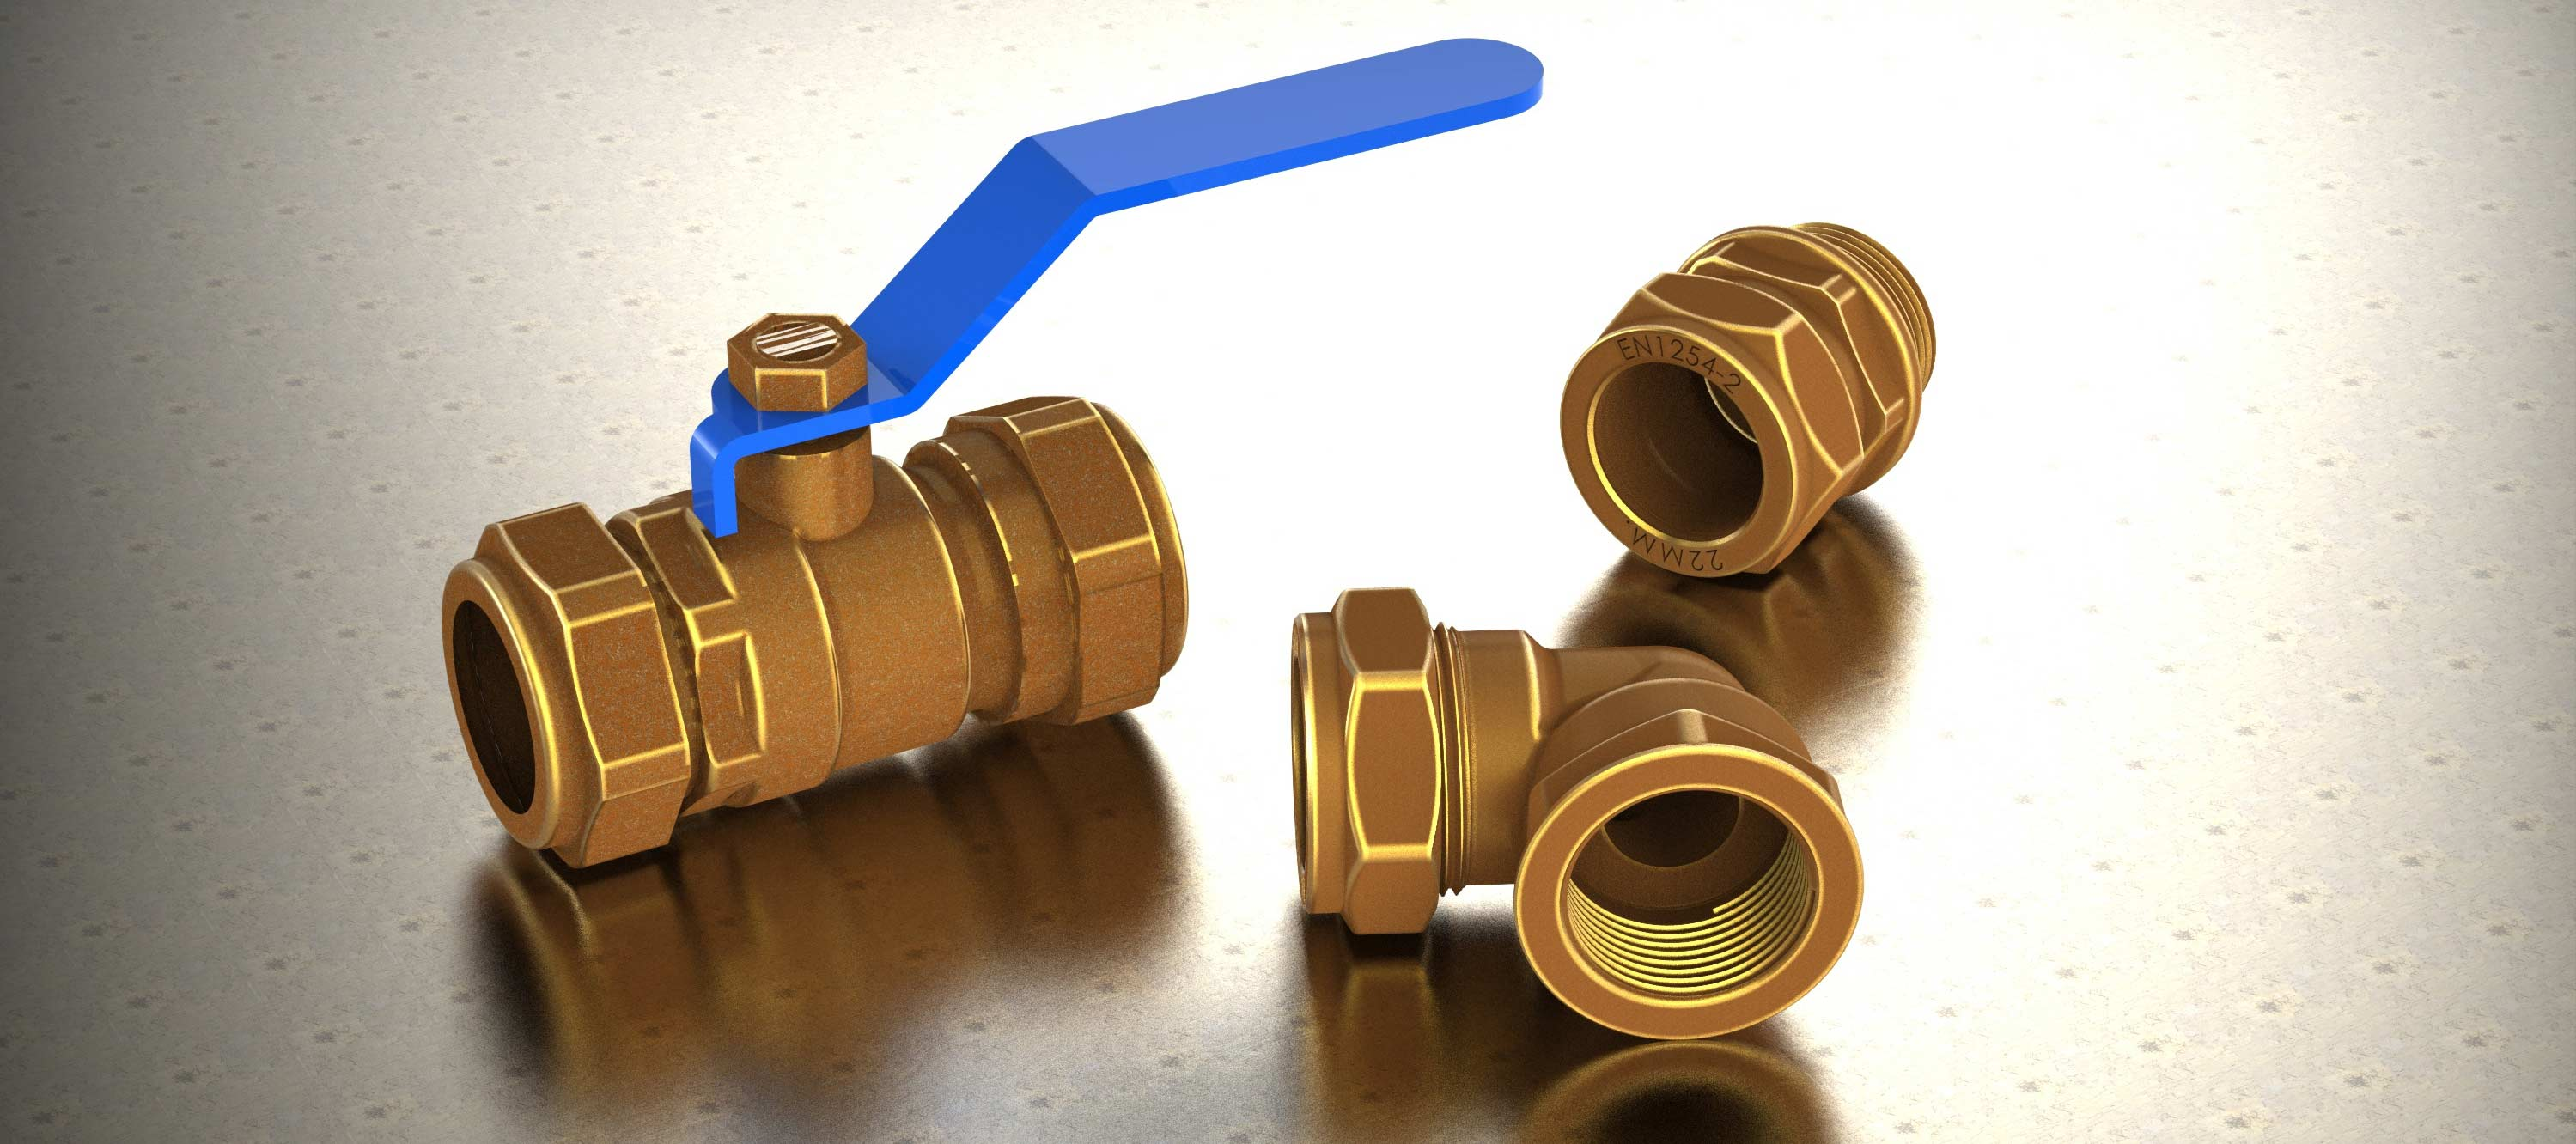 ball valves image